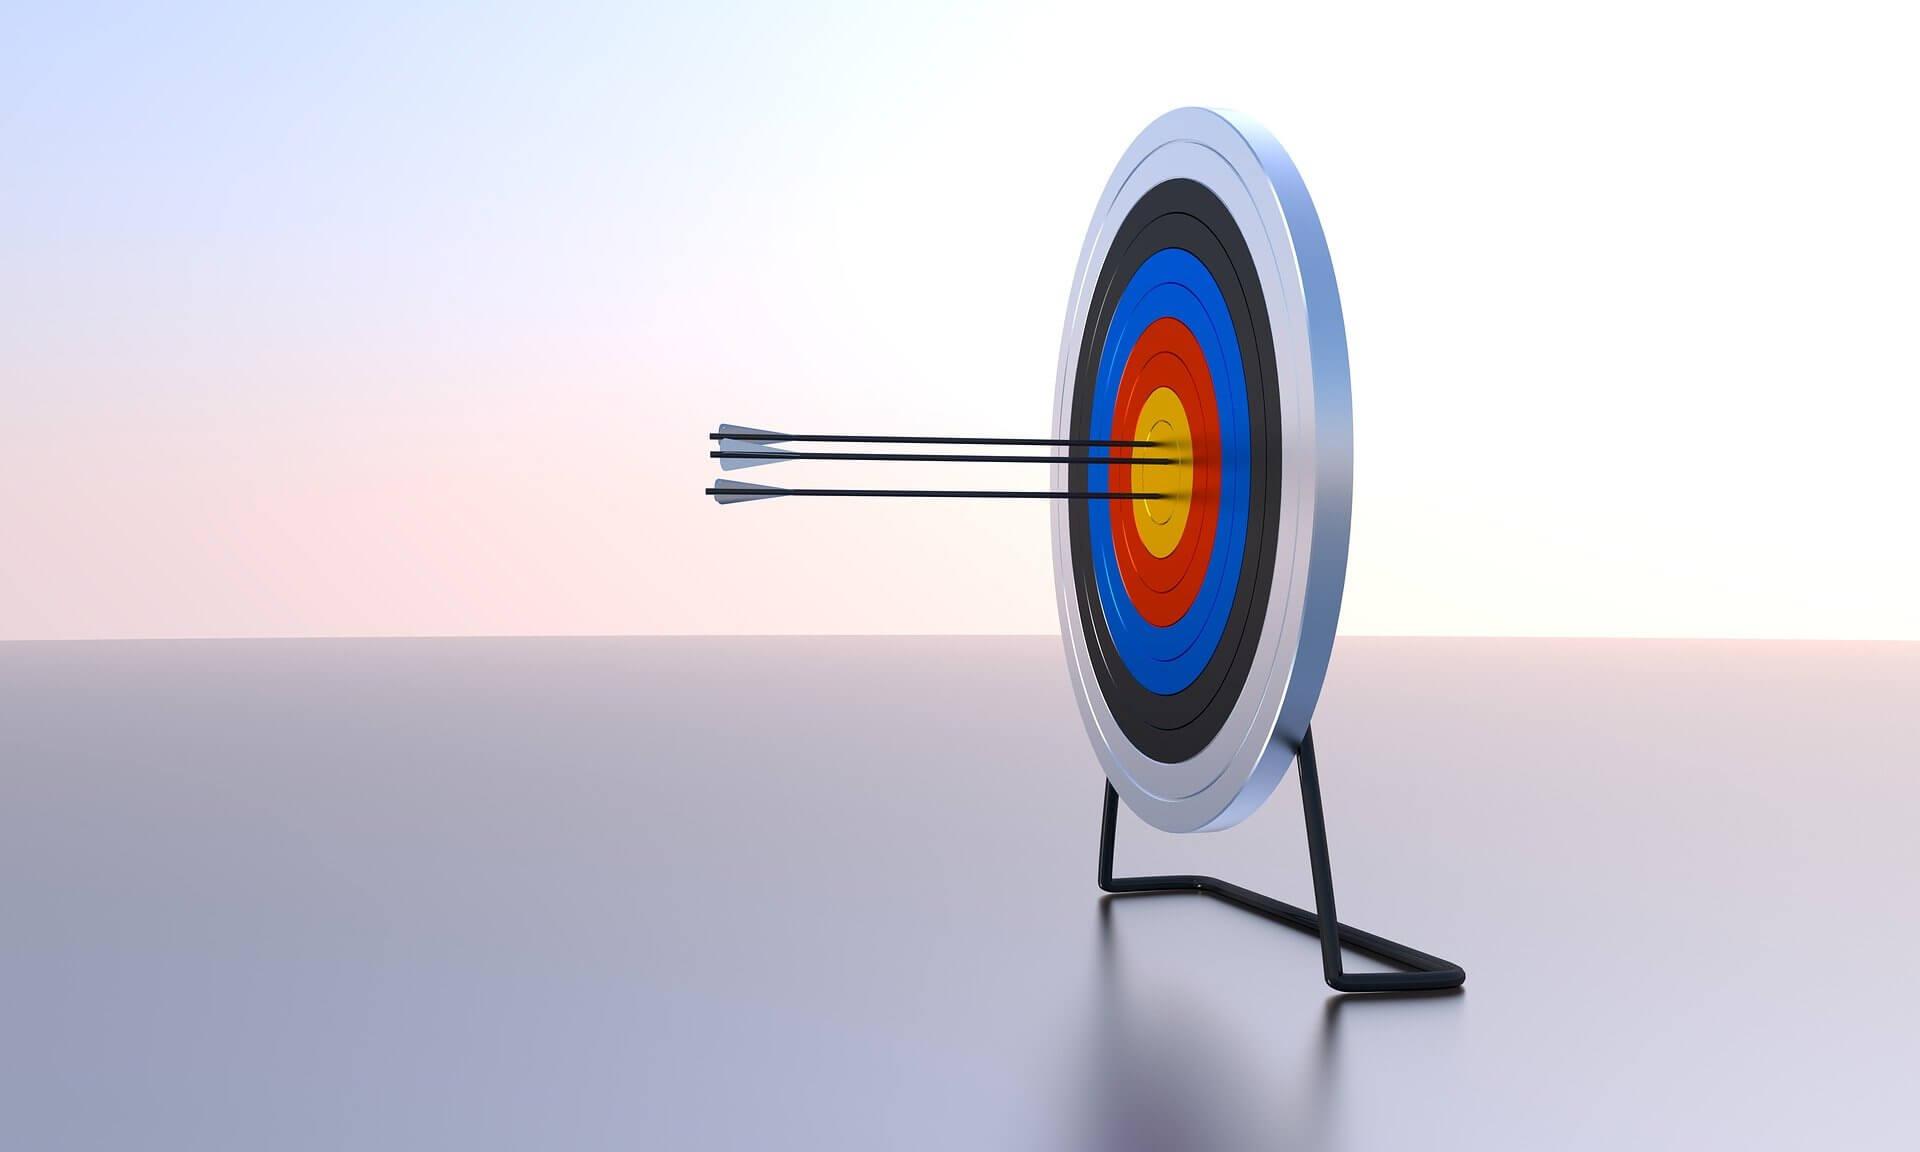 301 Redirect: Pfeil auf einer Zielscheibe